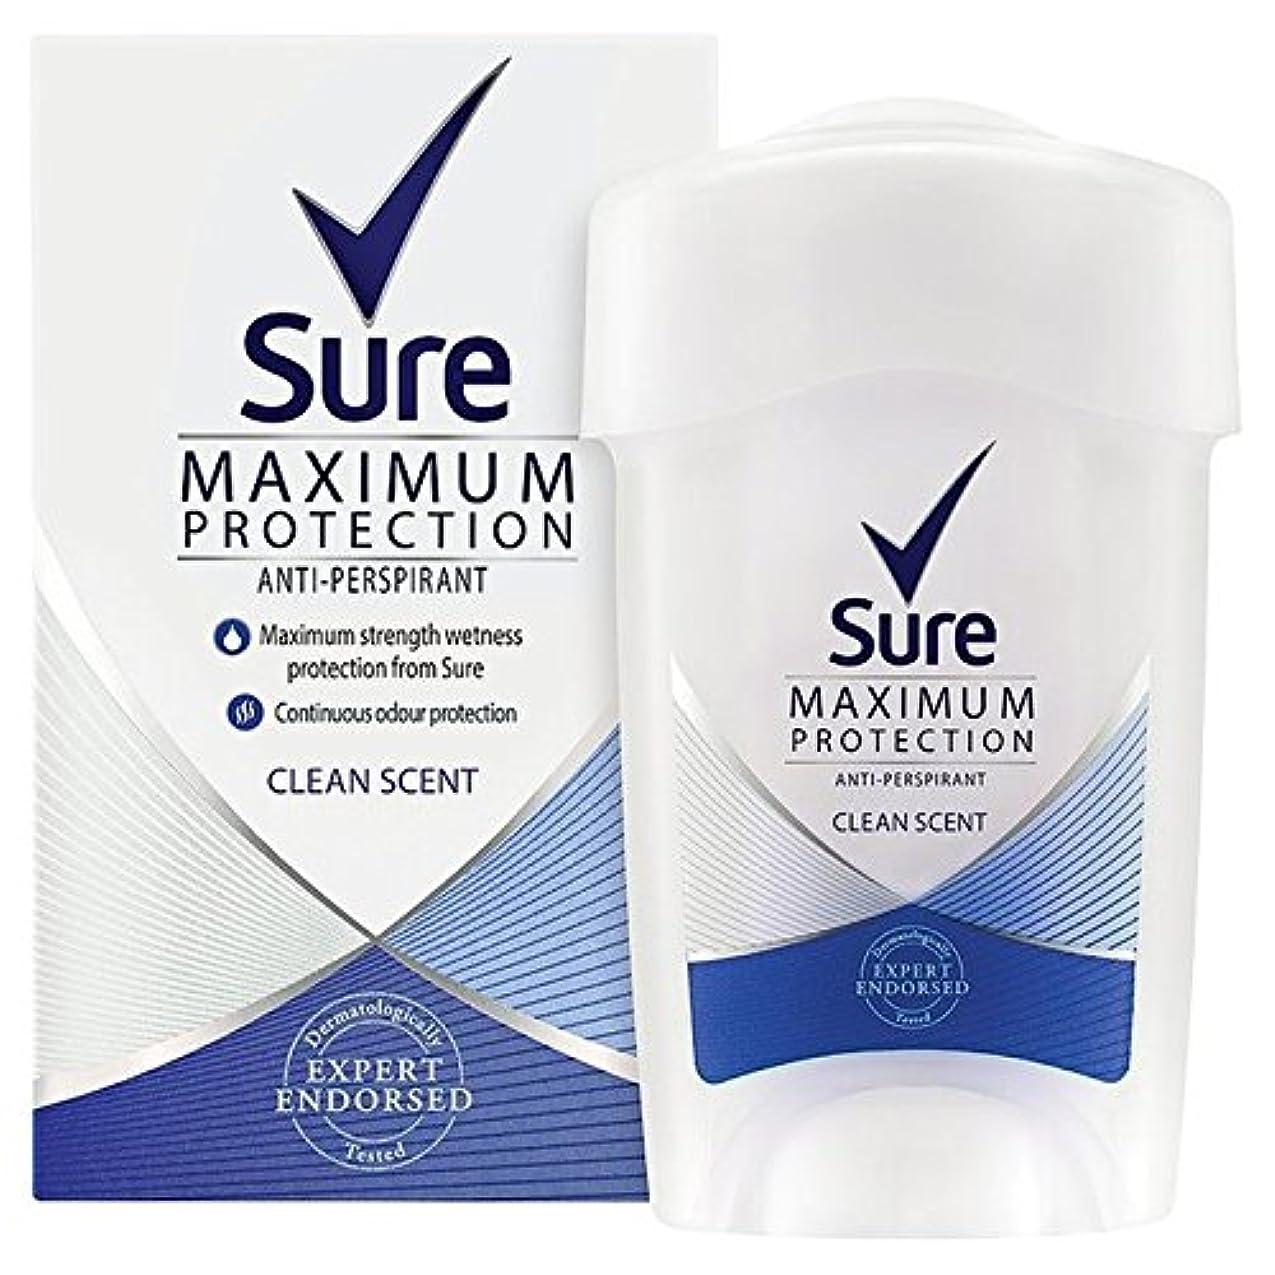 あたり老朽化した死女性の最大の保護クリーンな香りのクリーム制汗デオドラント45ミリリットルを確認してください x4 - Sure Women Maximum Protection Clean Scent Cream Anti-Perspirant...